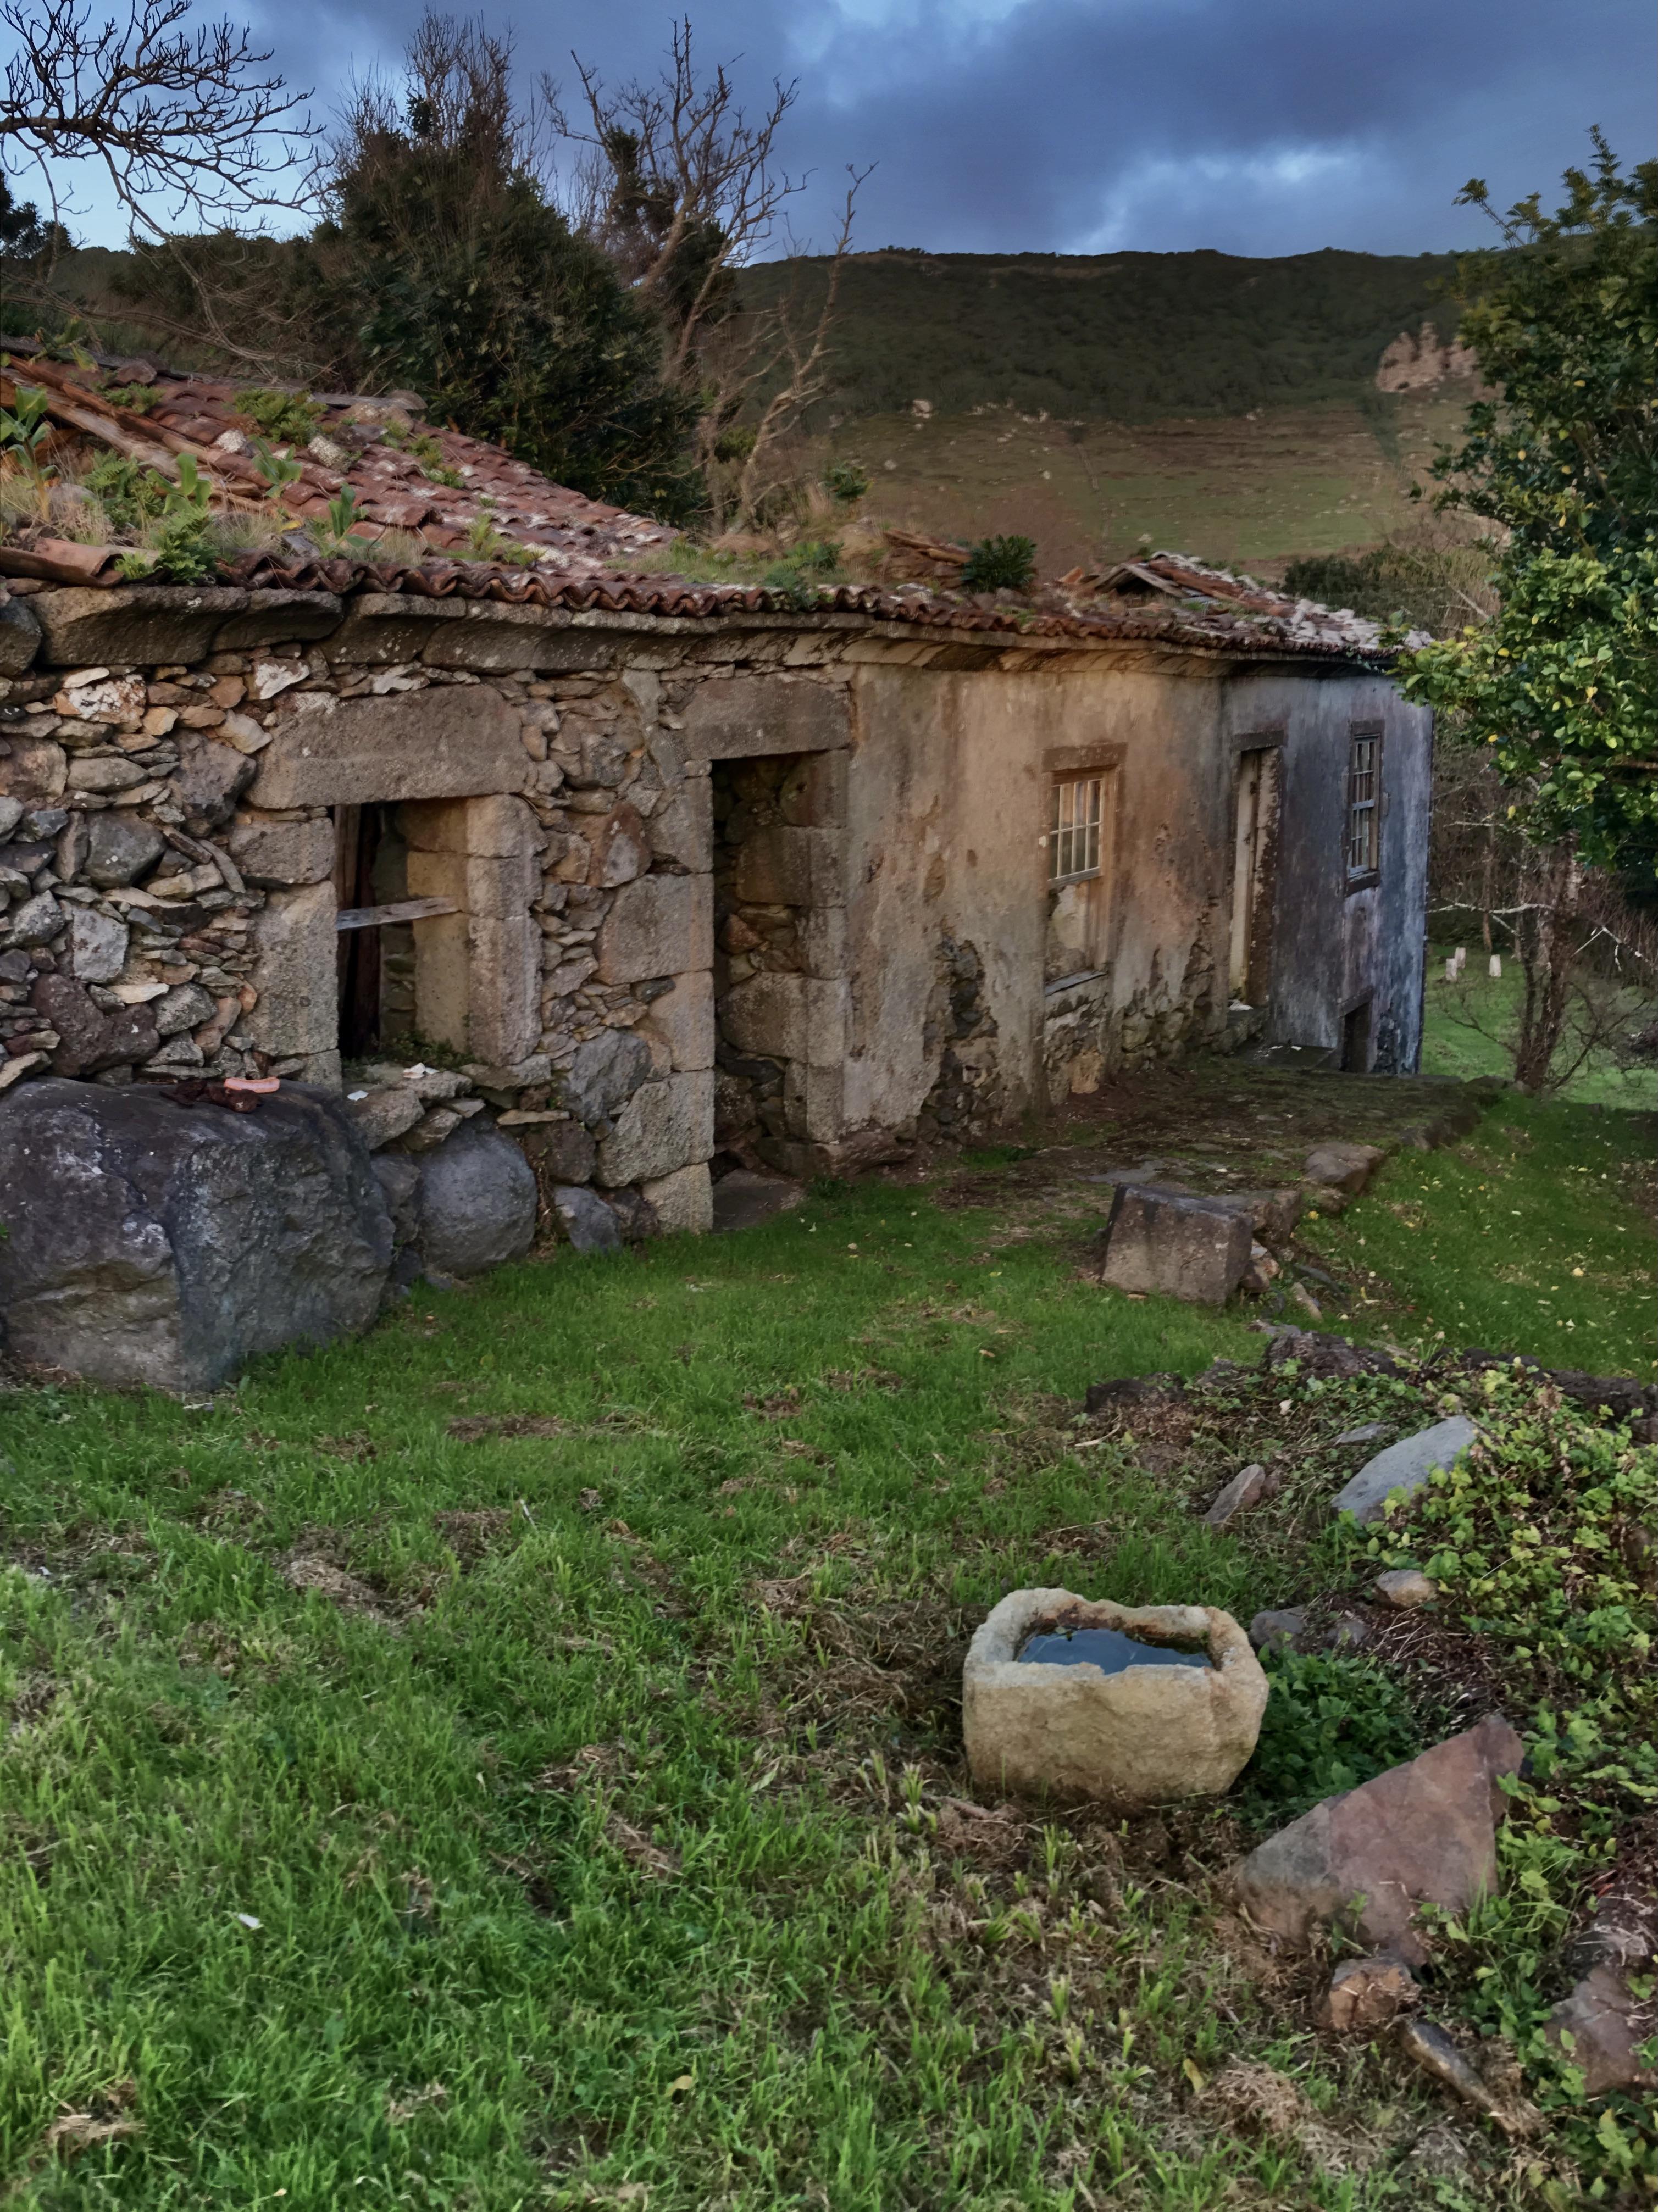 Casa da Ganhoa and Casa dos Corções